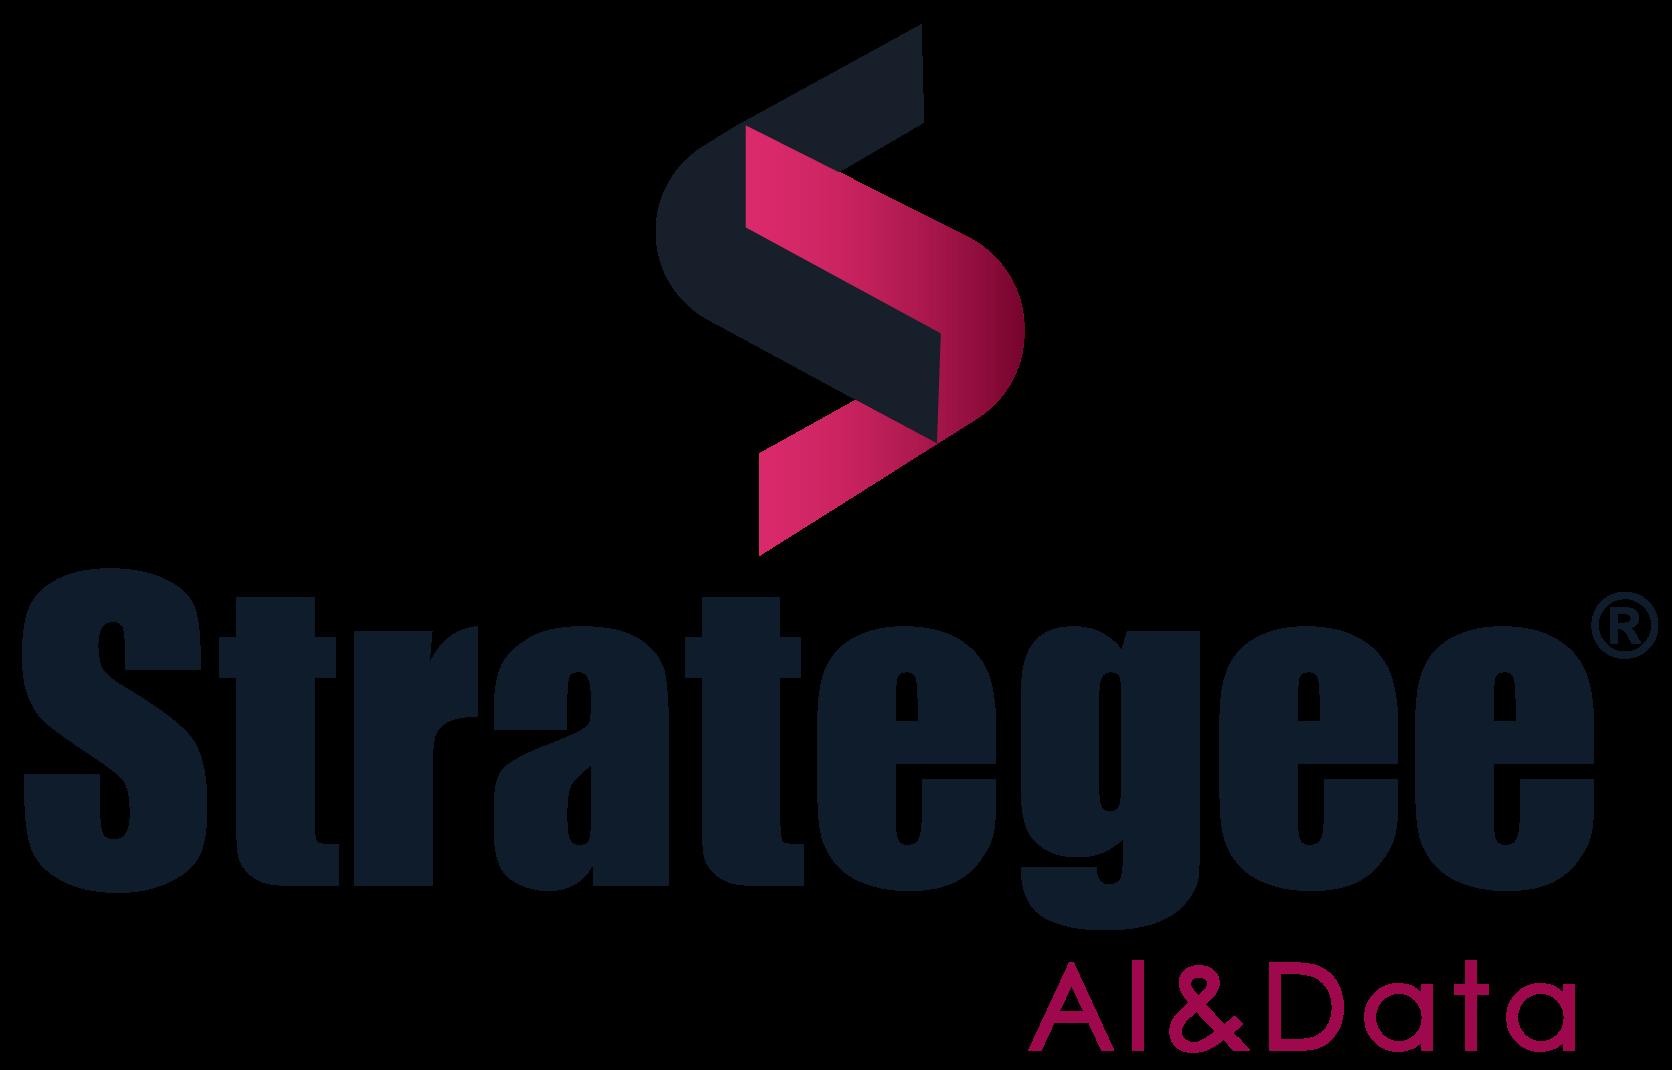 Servicio Strategee AI & Data